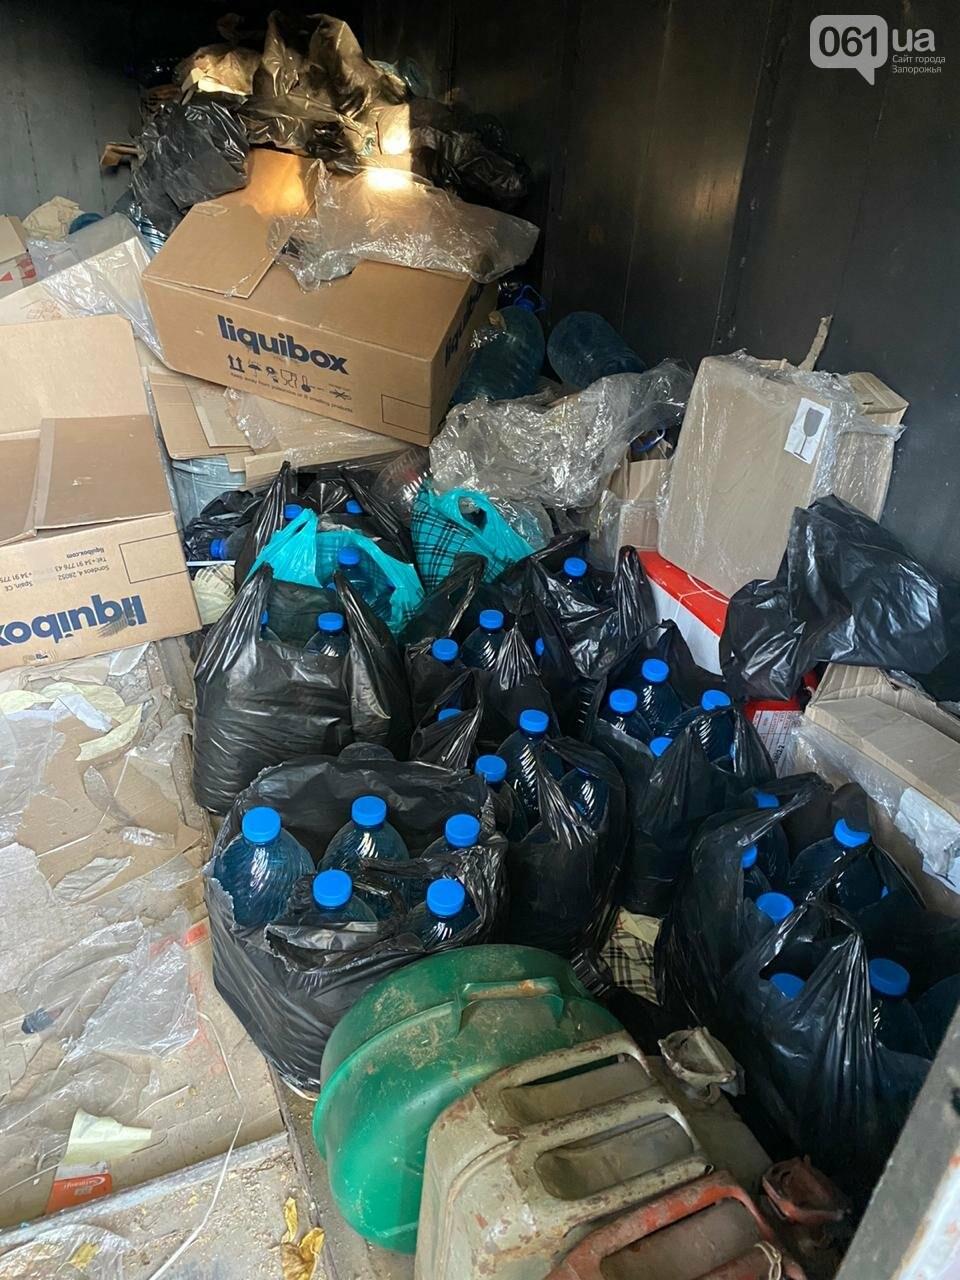 В Запорожской области обнаружили 2,5 тонны фальсифицированного алкоголя, фото-9